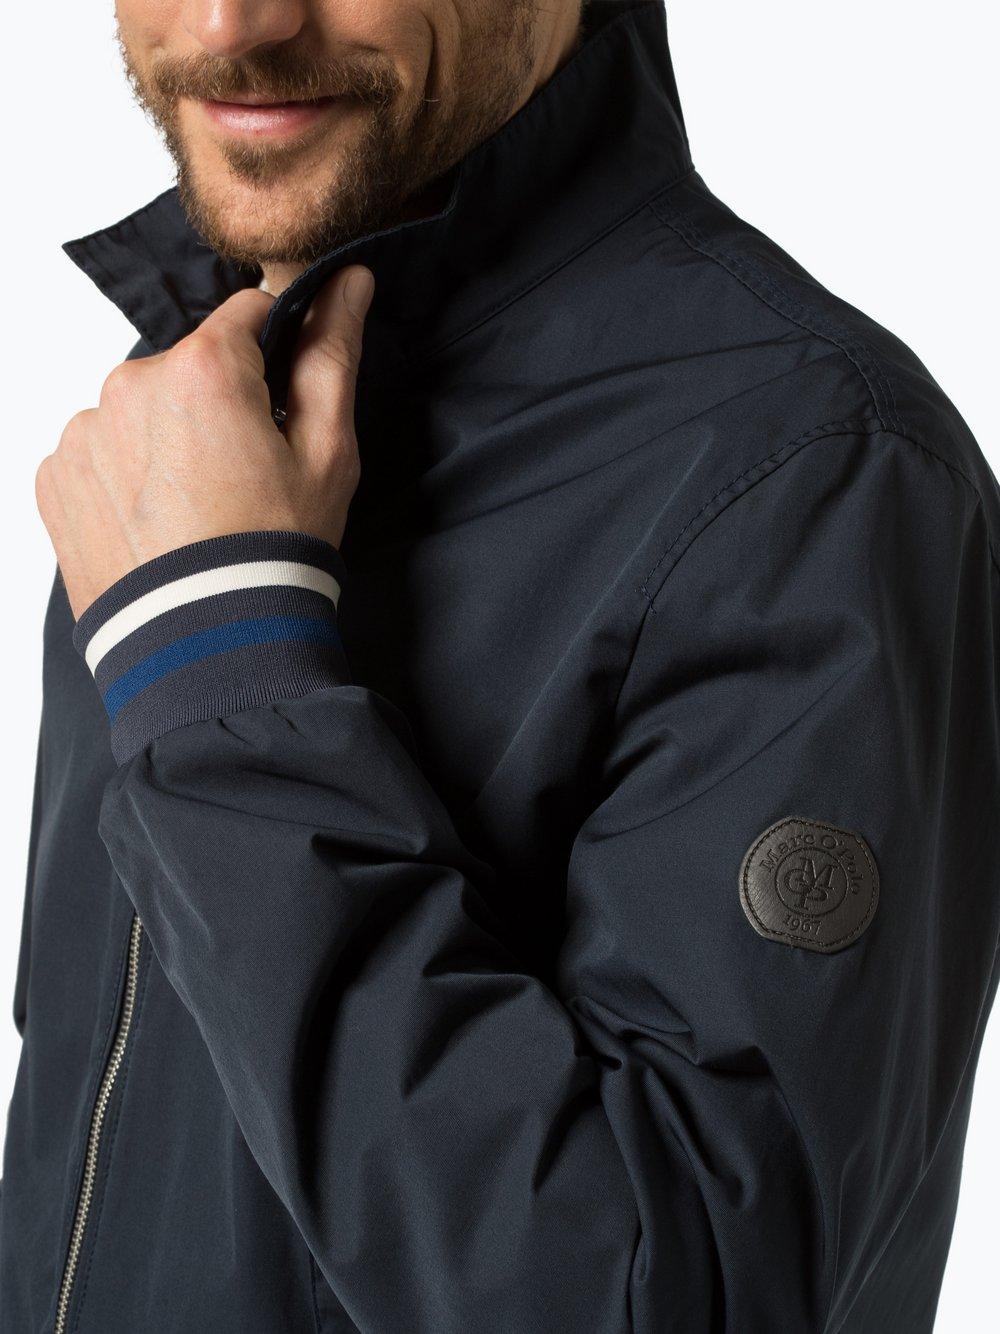 Marken Shirts | Neue Jacken : Marc O'Polo Herren Stiefel